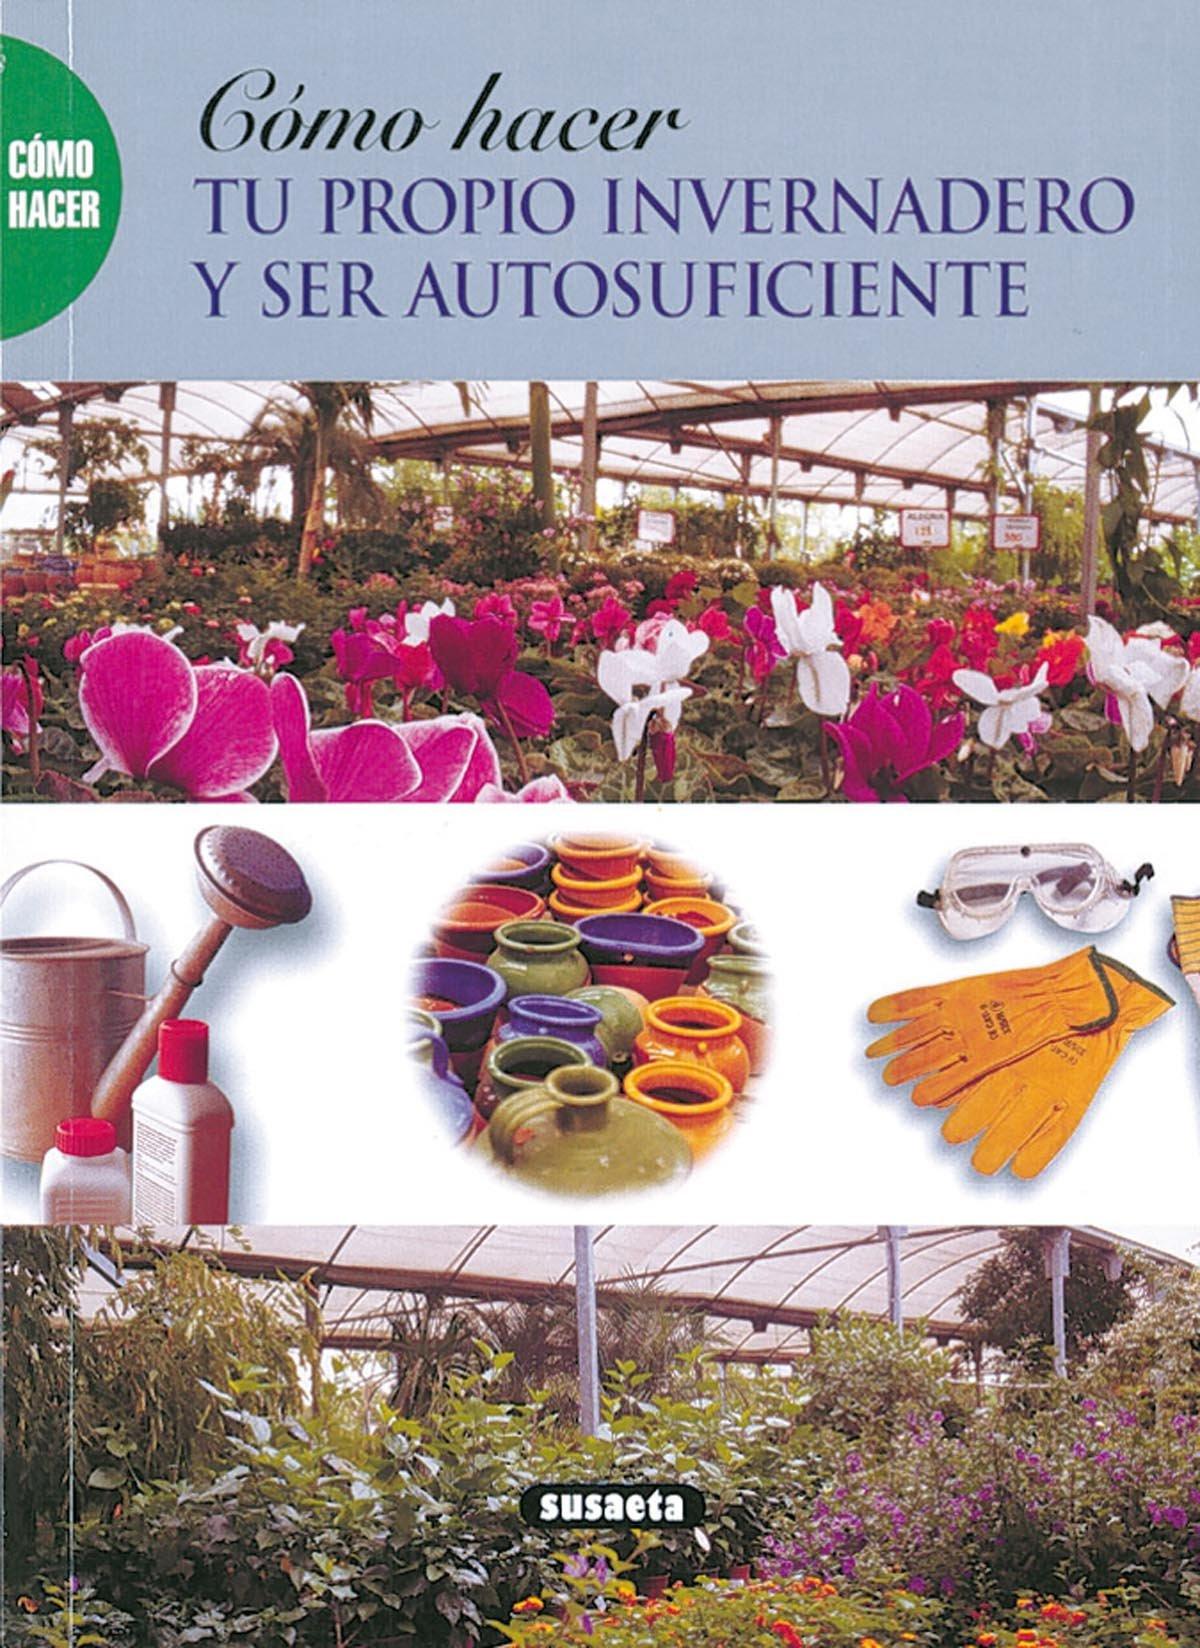 Cómo hacer tu propio invernadero y ser autosuficiente Como Hacer...: Amazon.es: Susaeta, Equipo: Libros